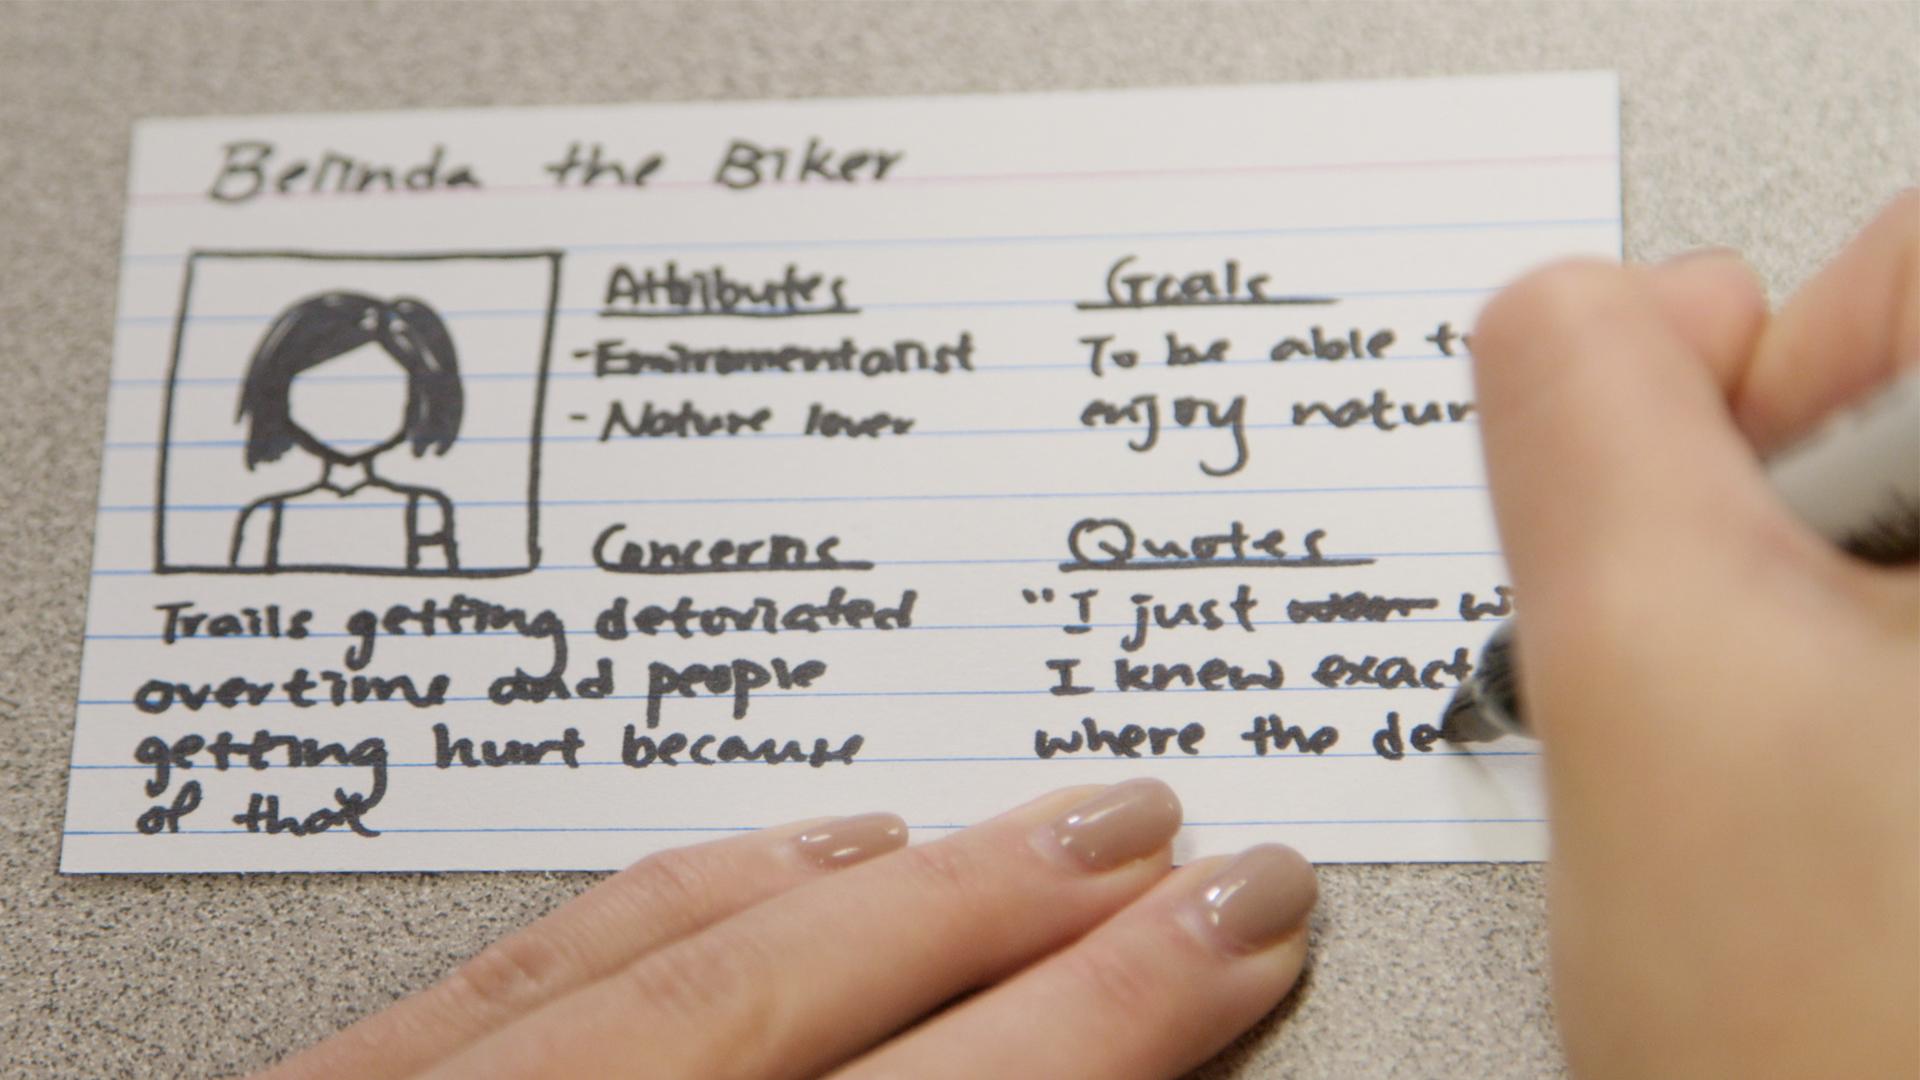 Handskizze einer Persona. Als Beispiel wie man sich eine Persona erstellen könnte.